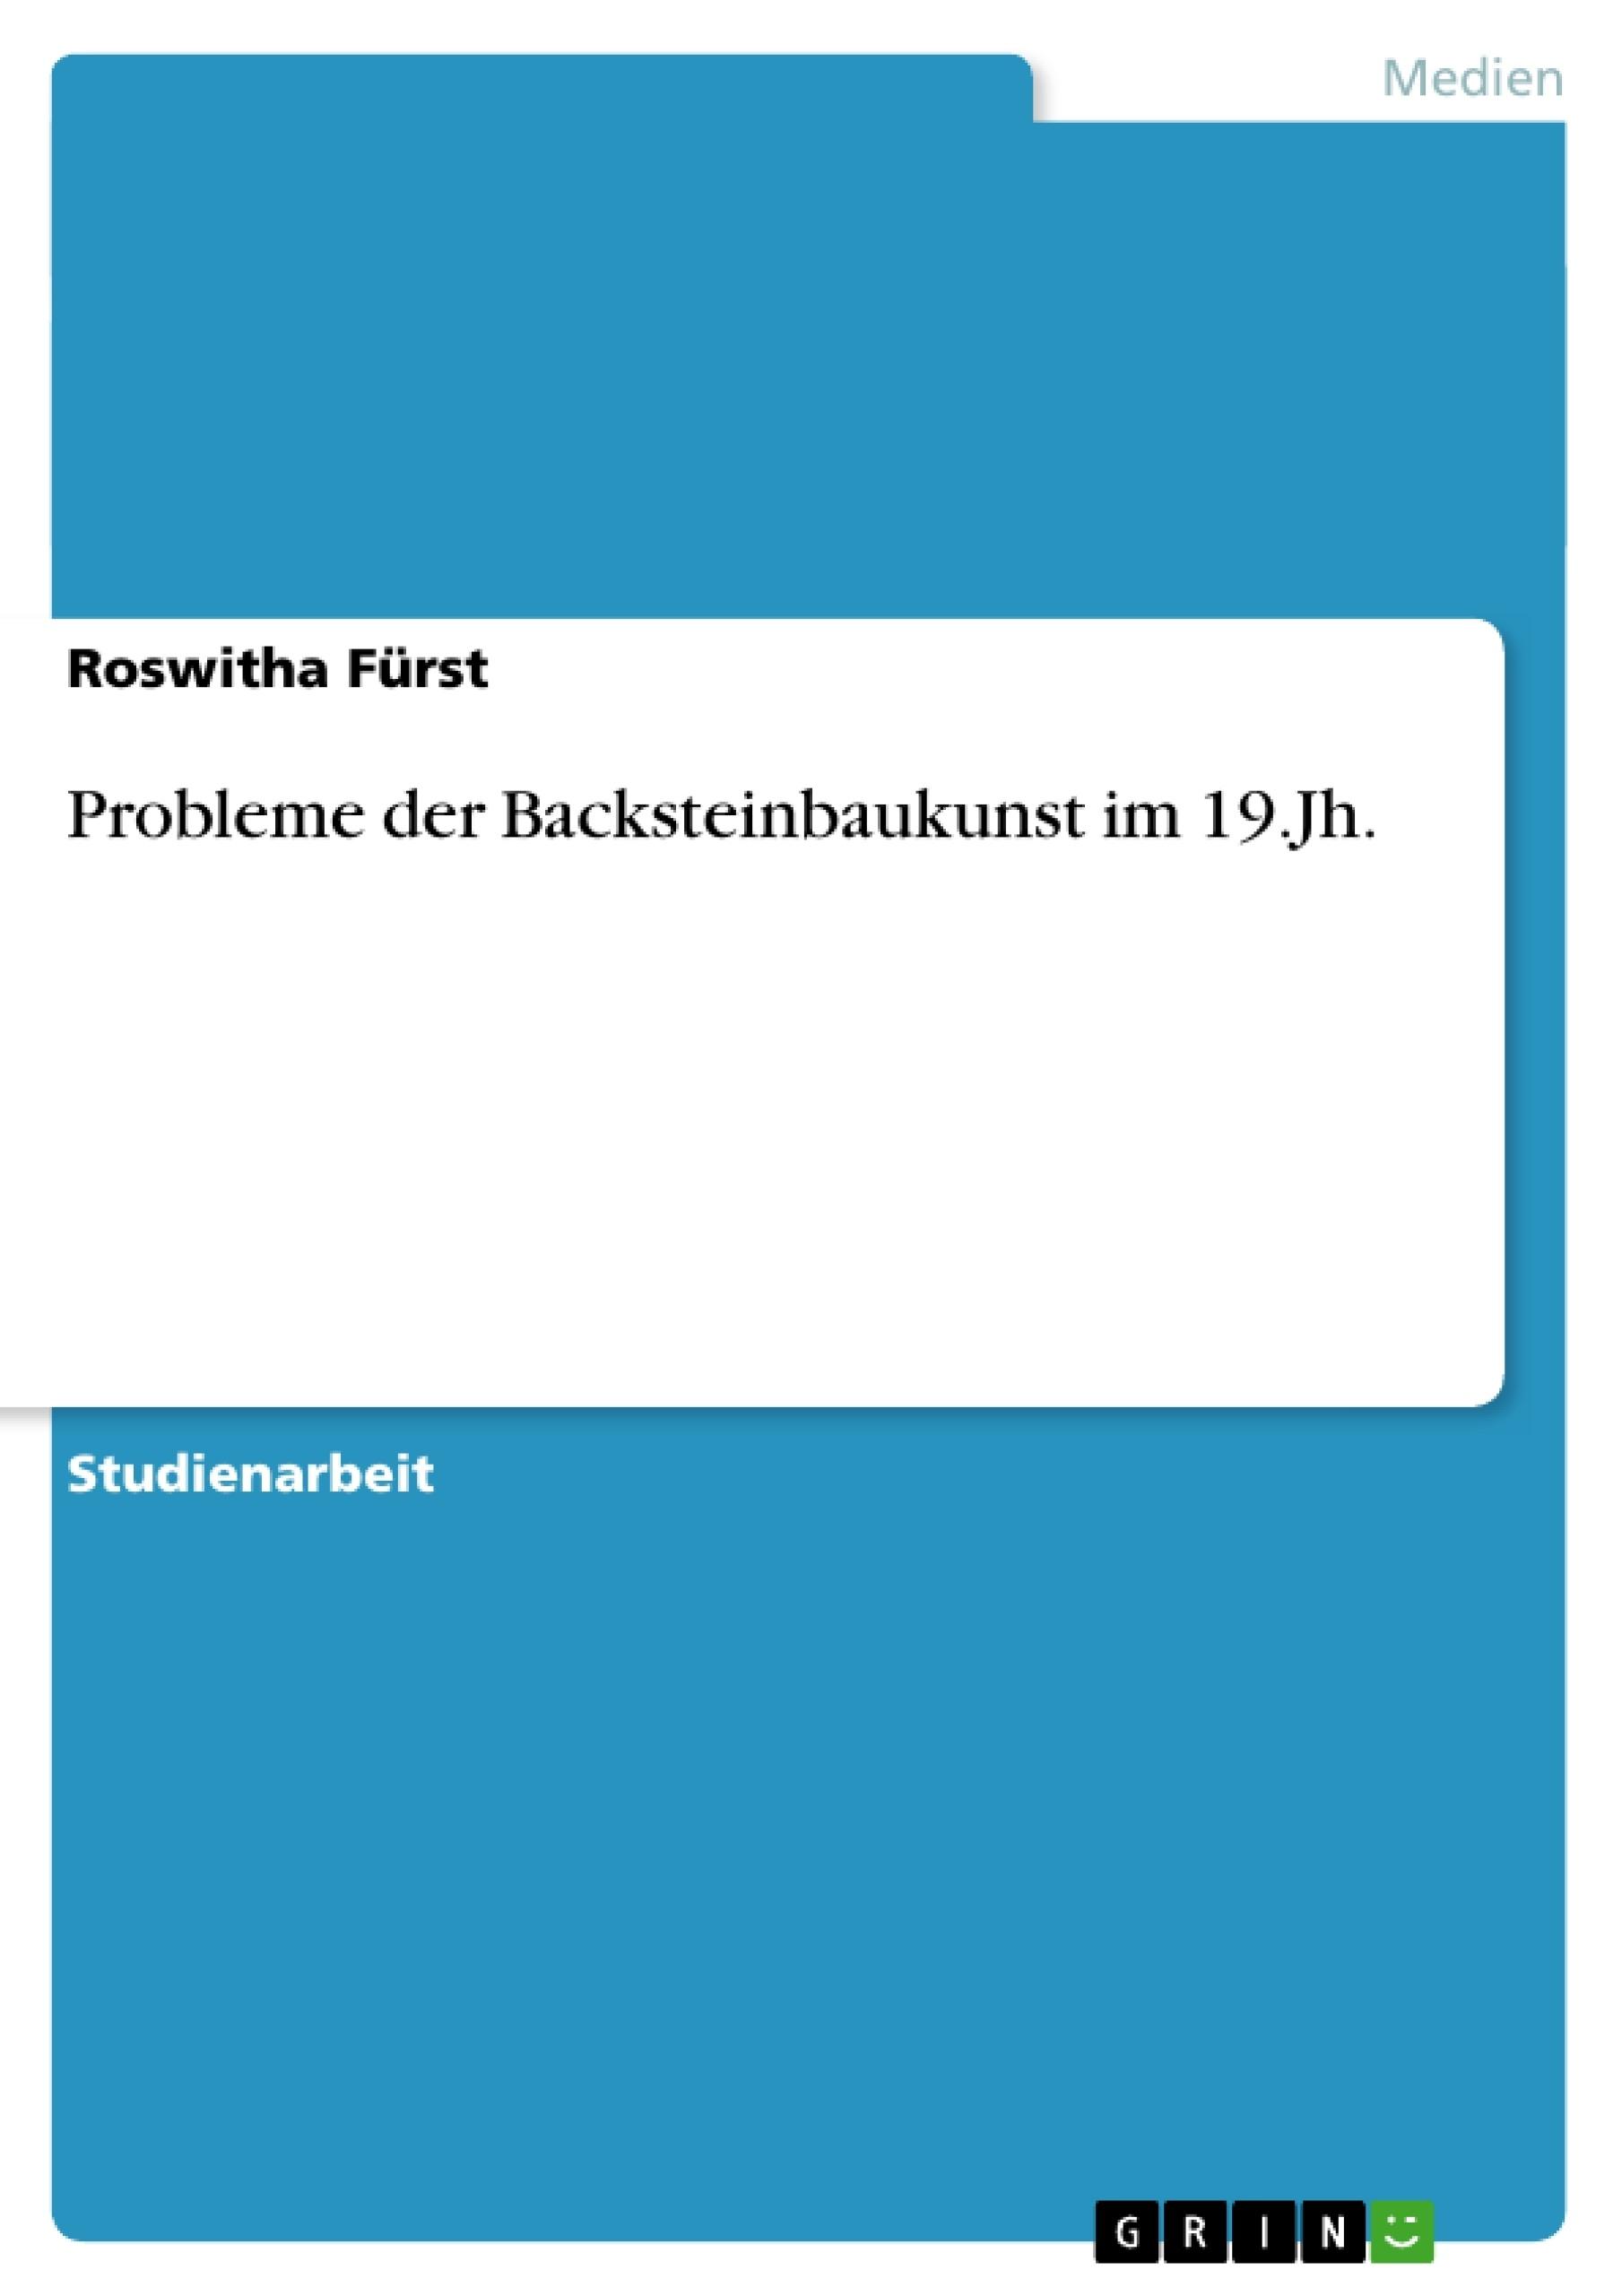 Titel: Probleme der Backsteinbaukunst im 19.Jh.